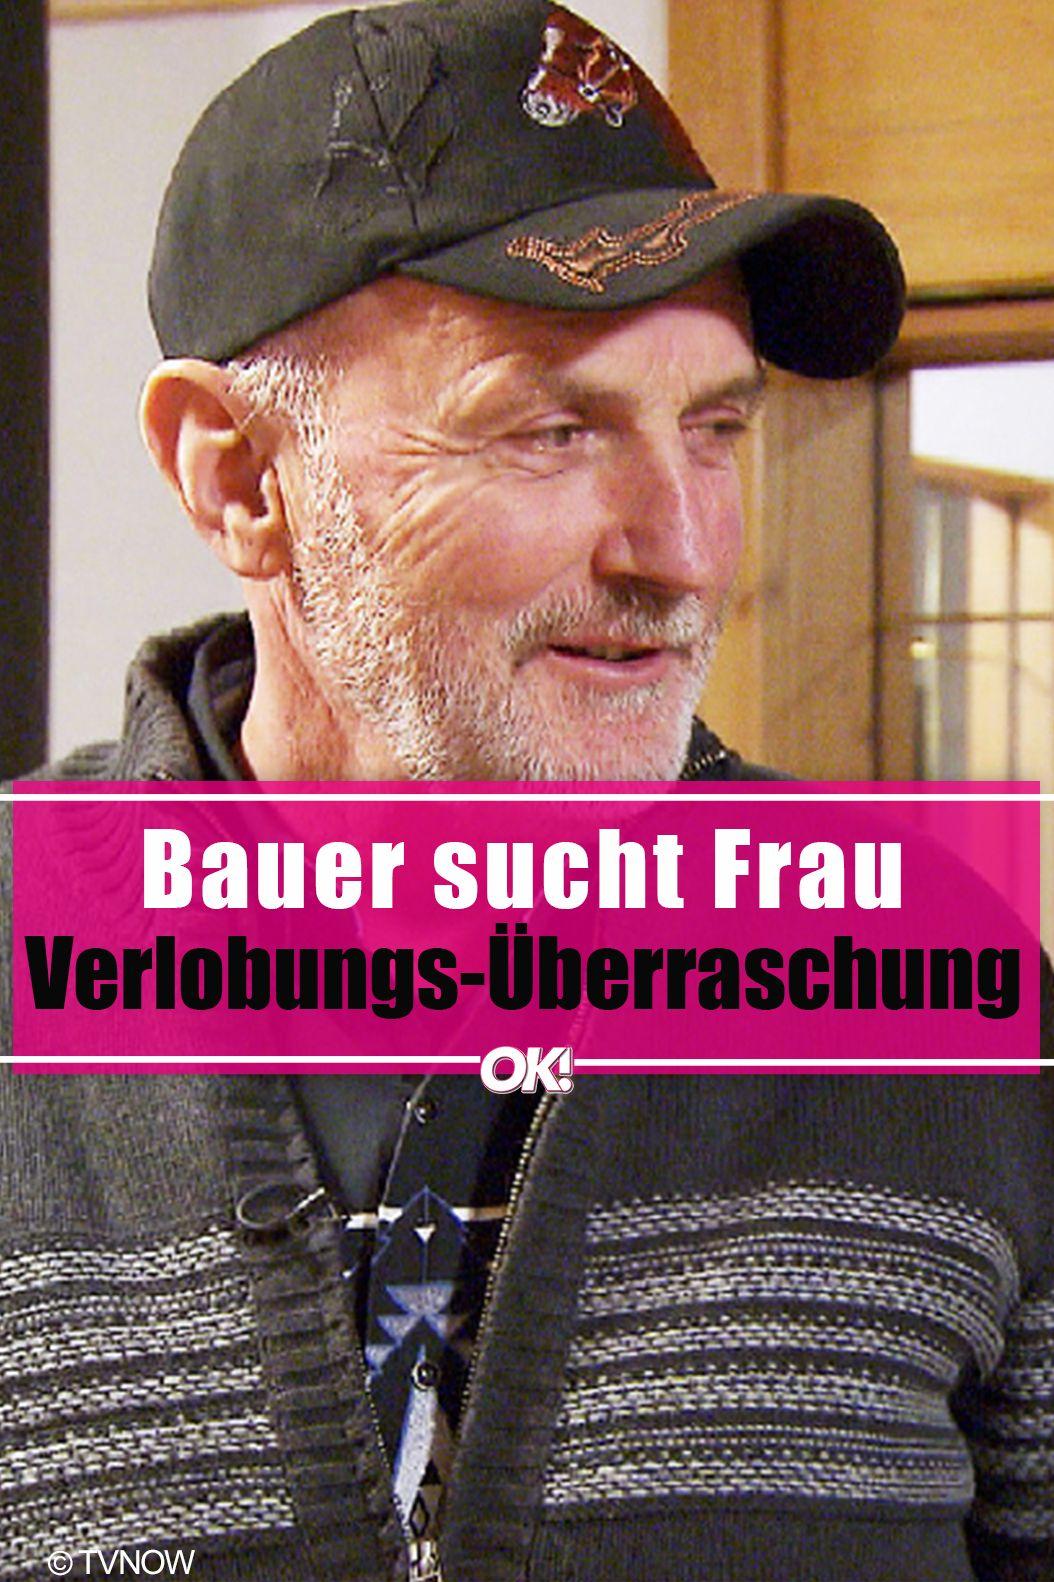 Bauer Sucht Frau Verlobungs Uberraschung Bauer Sucht Frau Hochzeit Frau Bauer